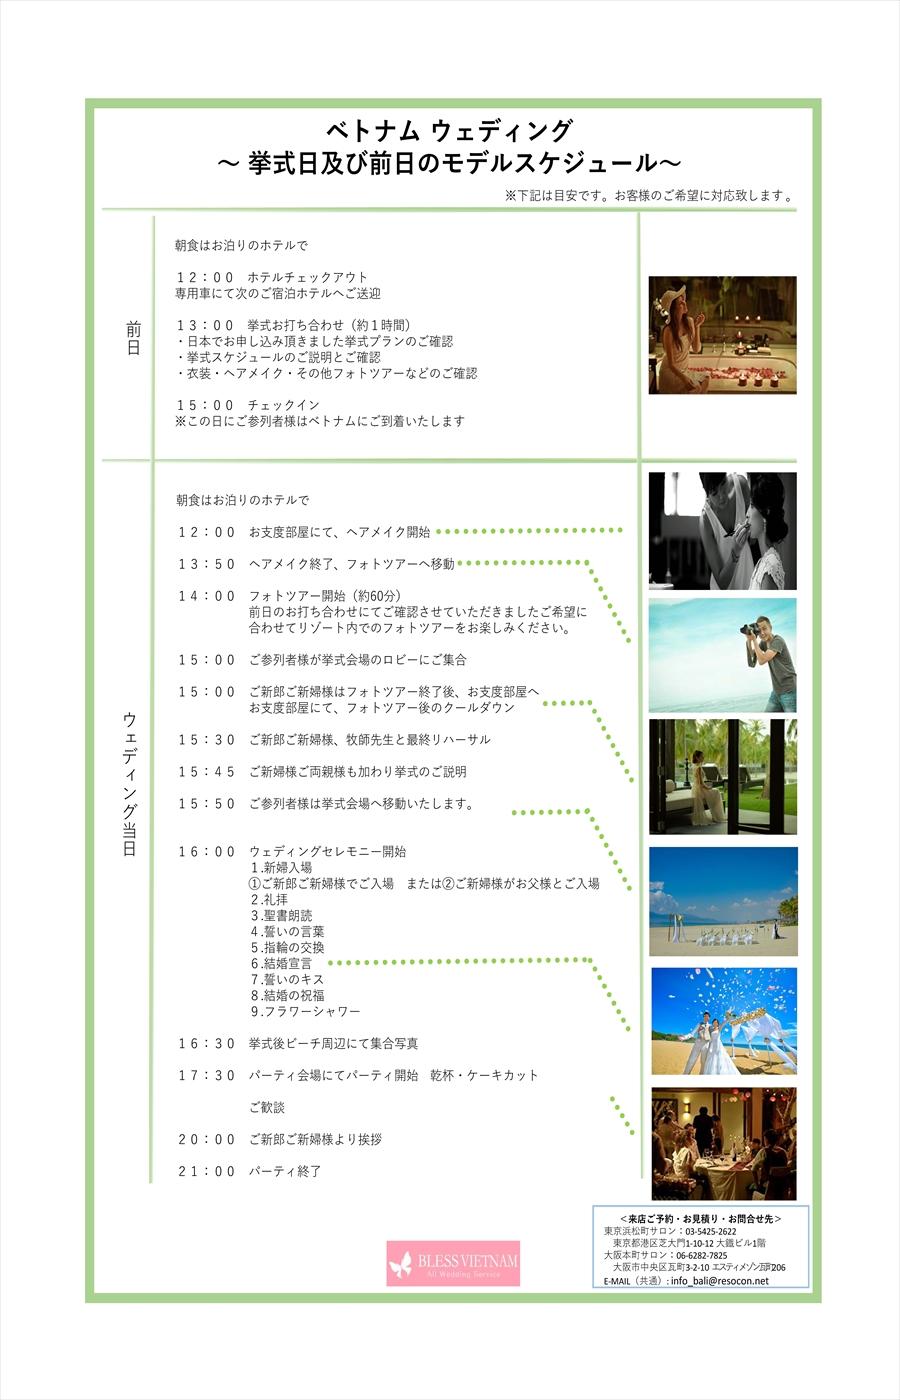 挙式日および前日<br>モデルスケジュール